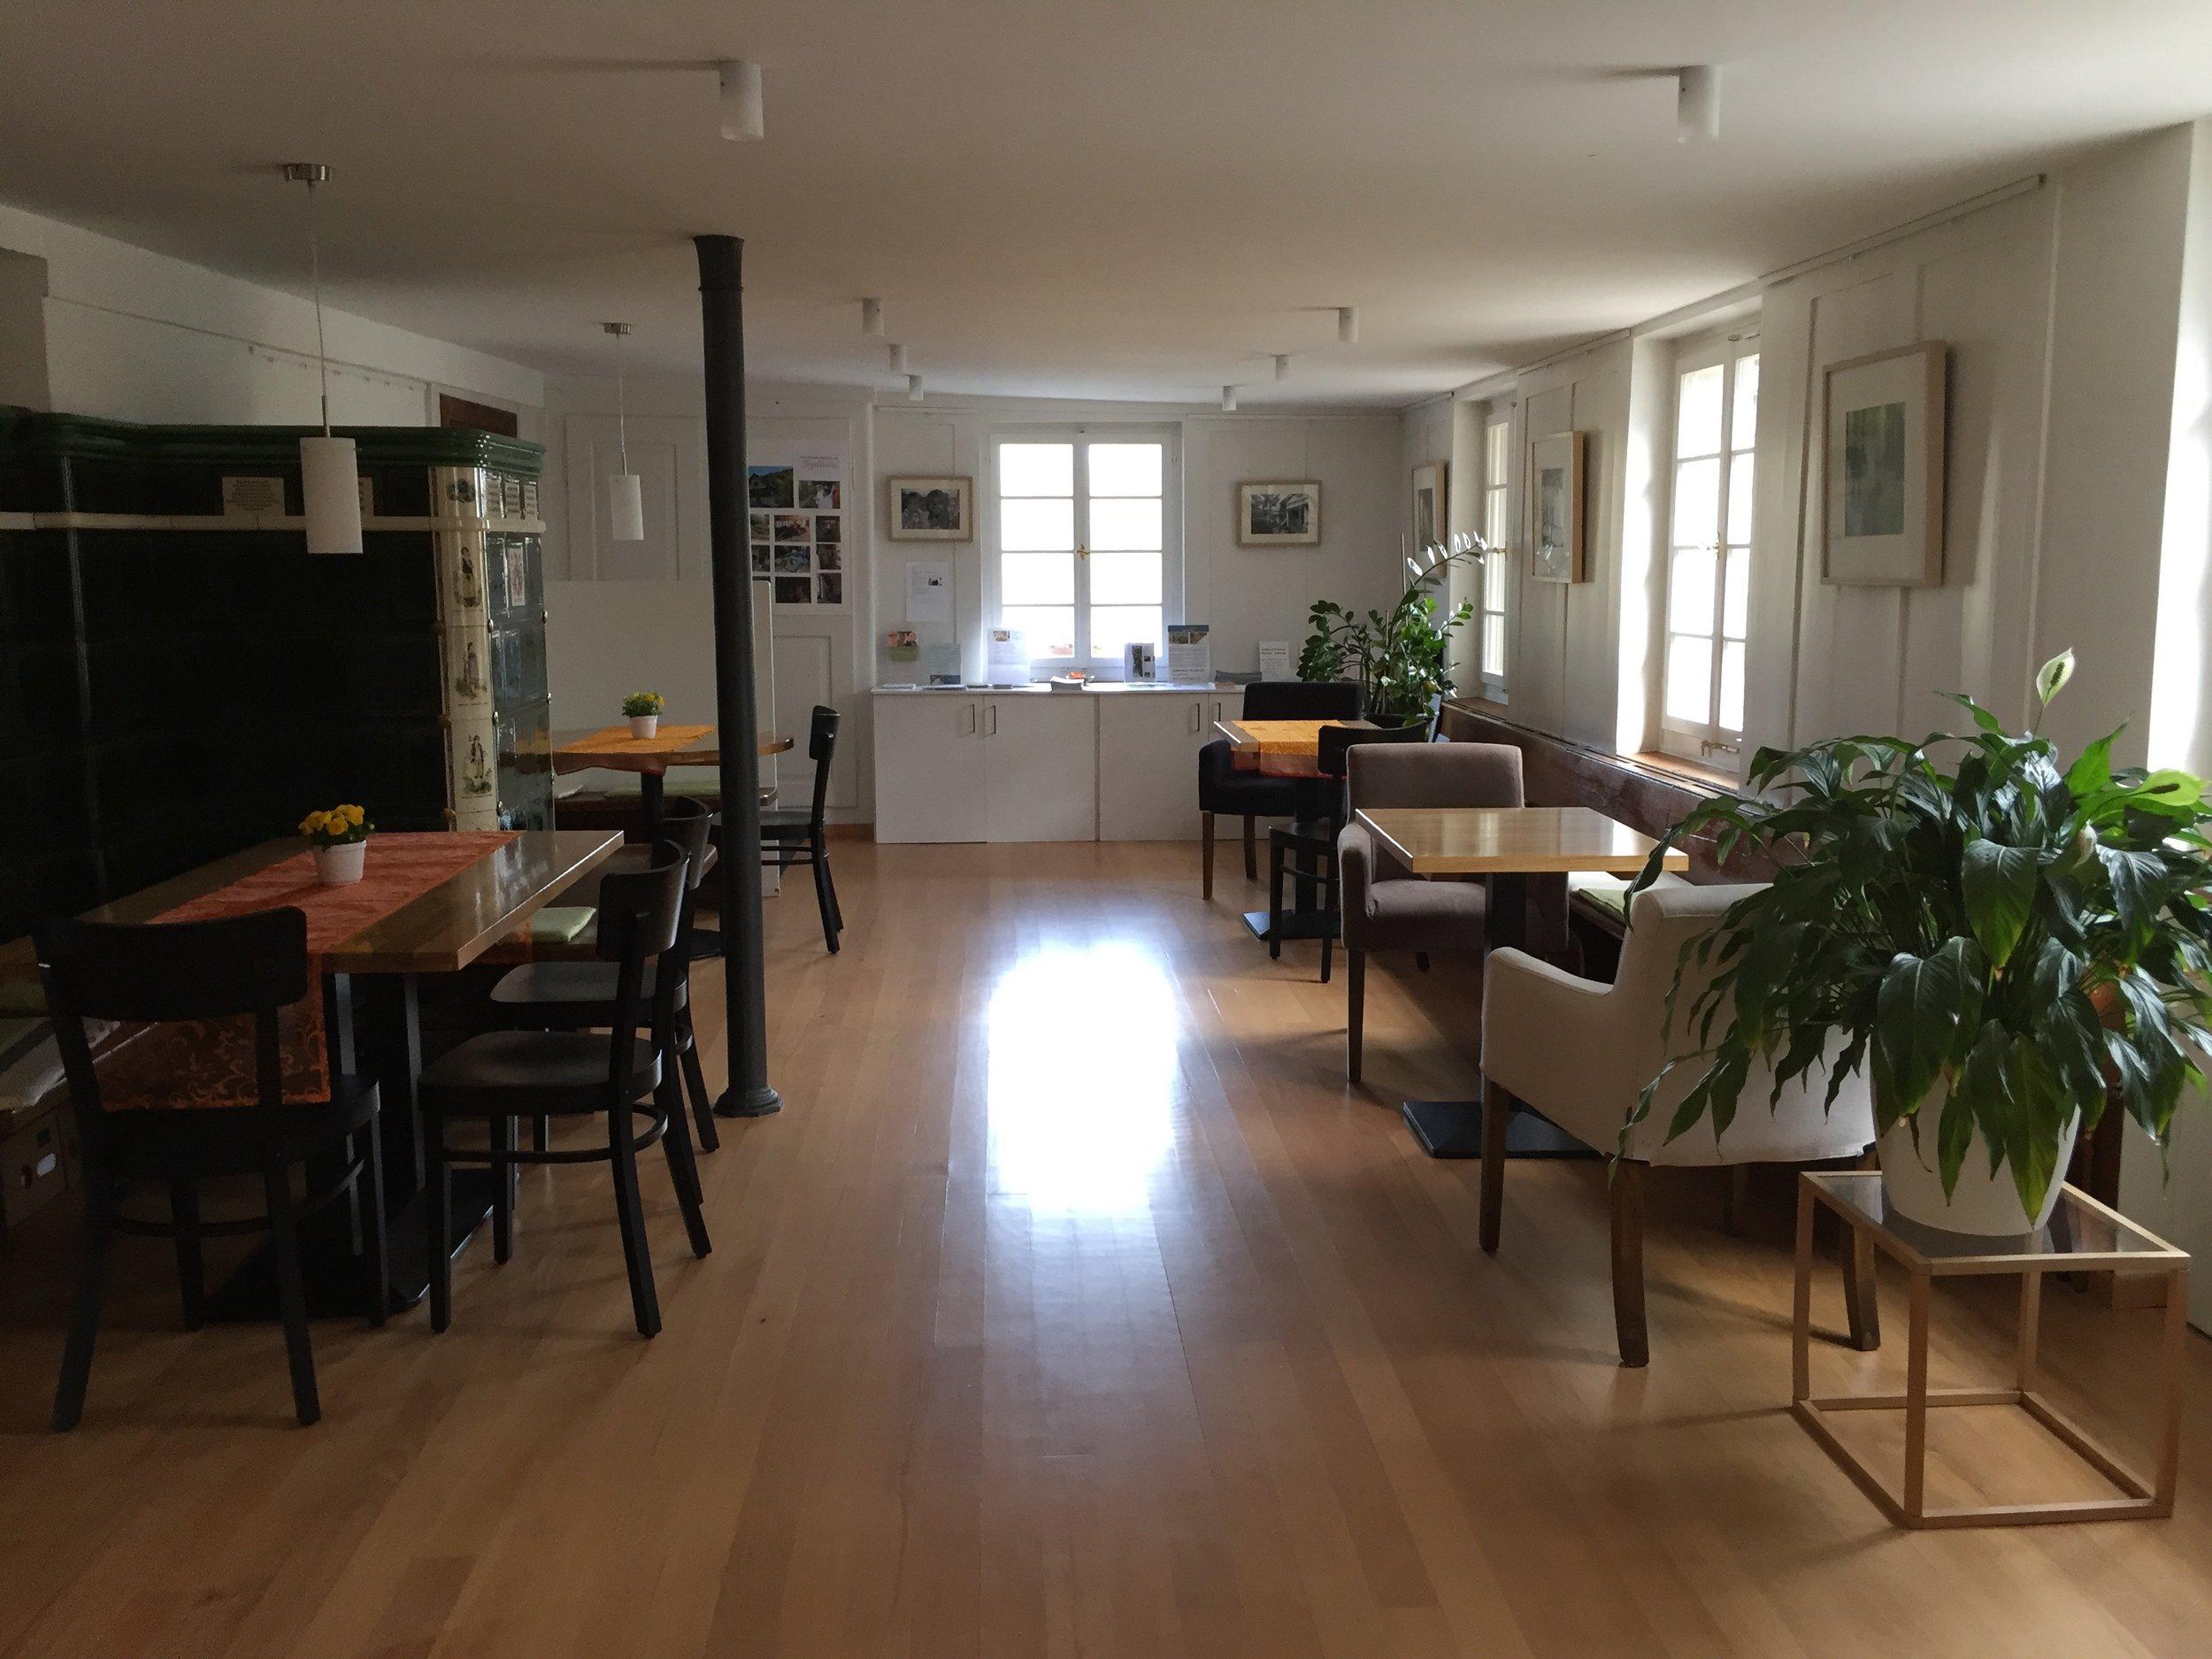 Gaststube - 36m2 für Gruppen bis max. 24 PersonenGeeignet für Kulturveranstaltungen, Bistro-BetriebAusstattung: Tische, Stühle, grosser KachelofenPreis: Auf Anfrage